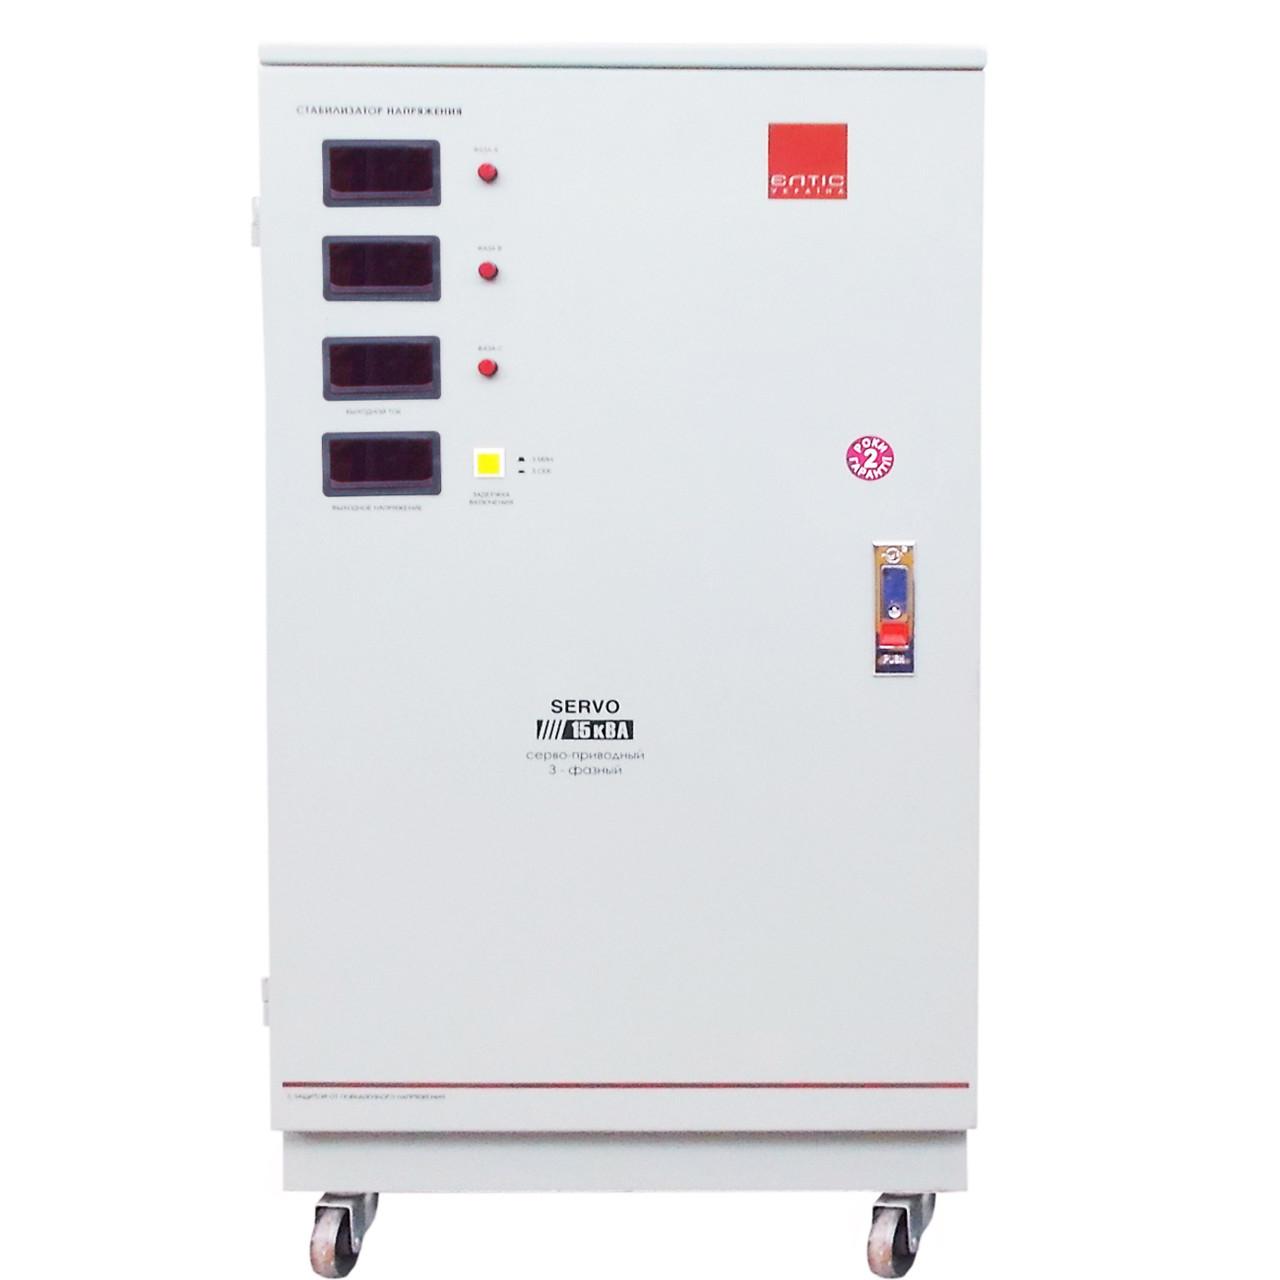 Трехфазный сервоприводный стабилизатор напряжения Элтис SERVO 15000 LED